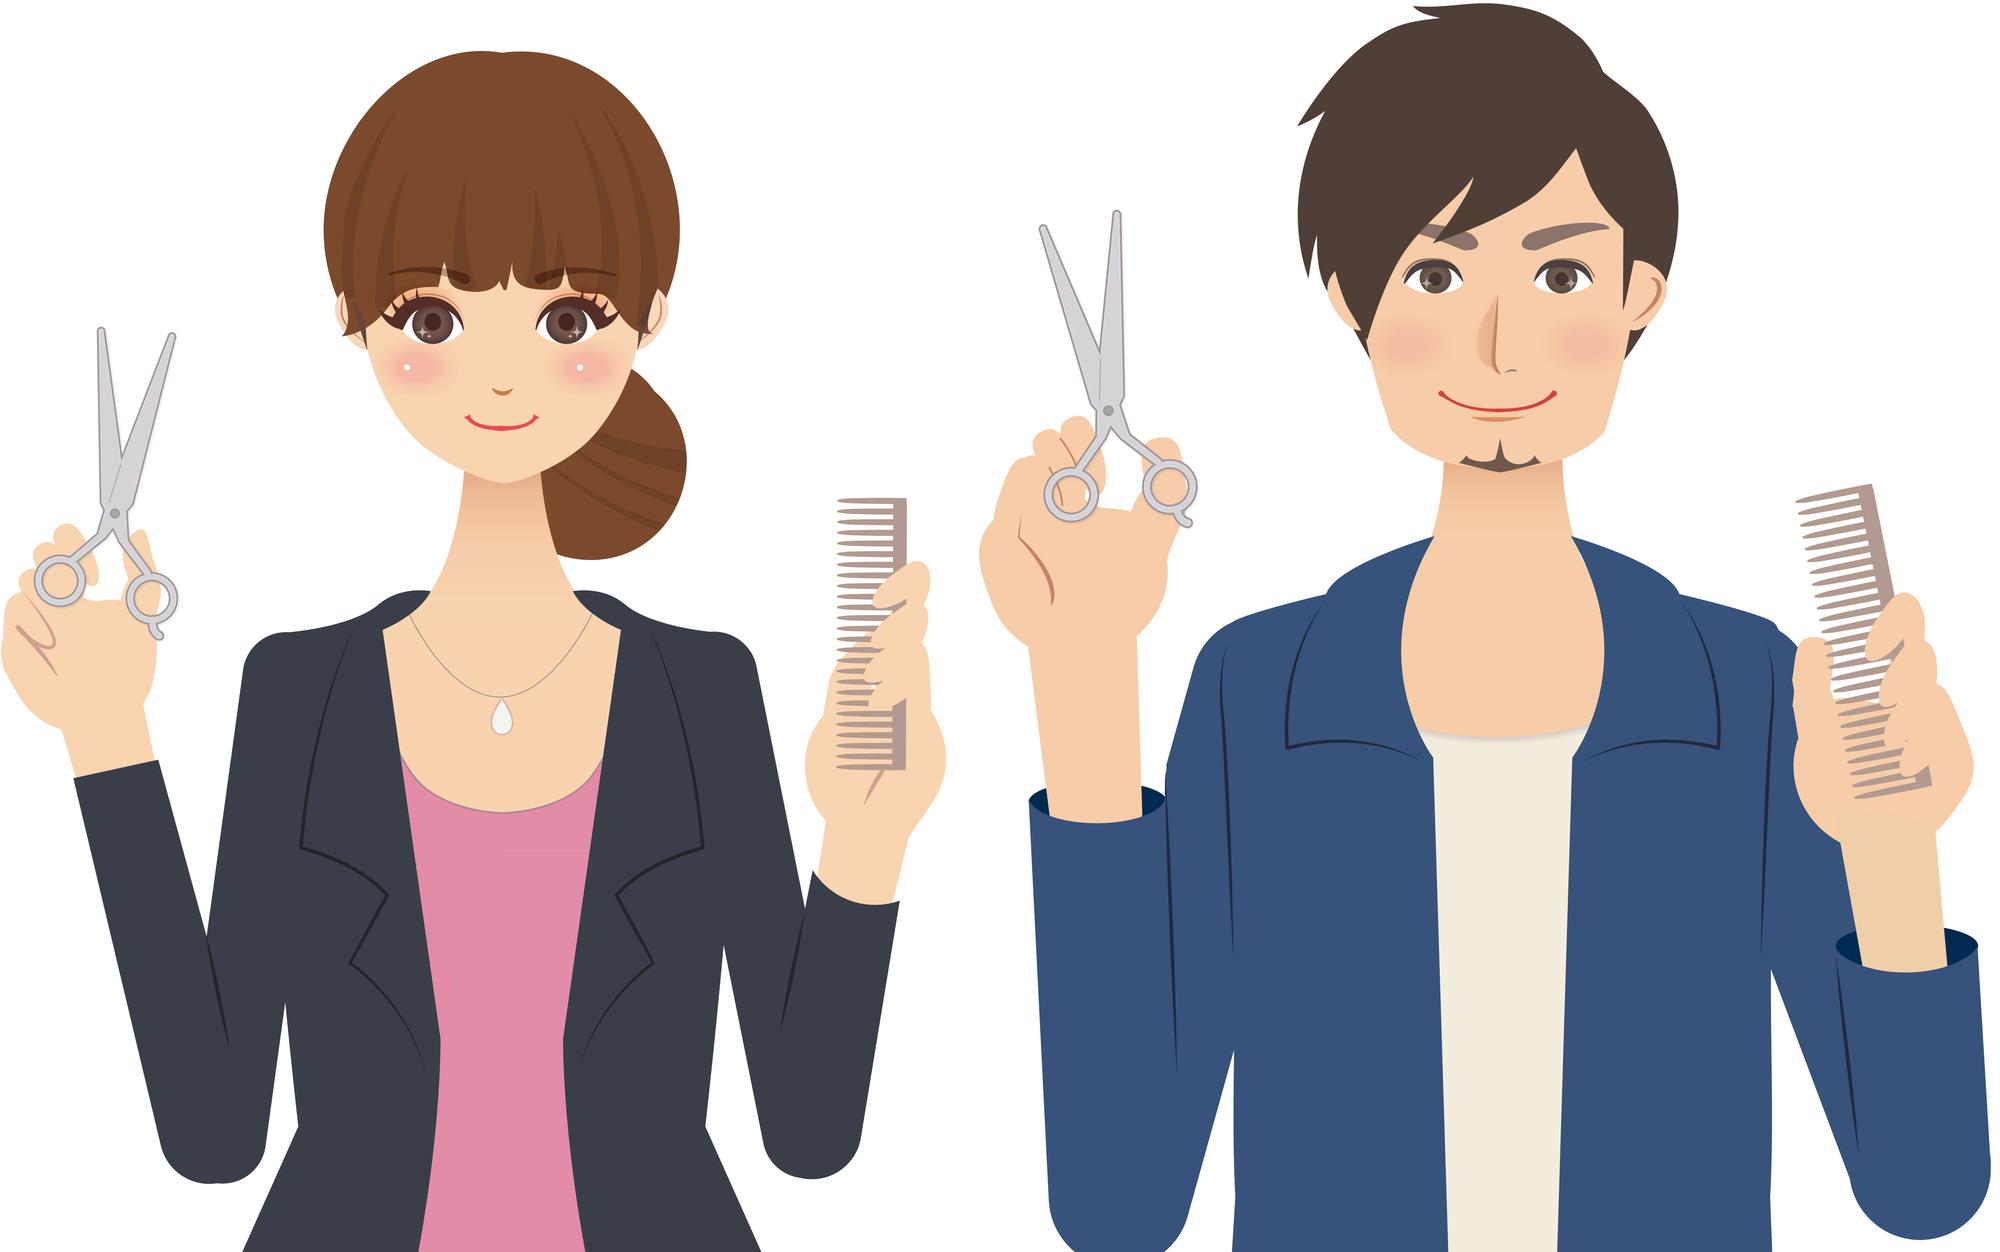 美容師の気になるファッションを選ぶポイント